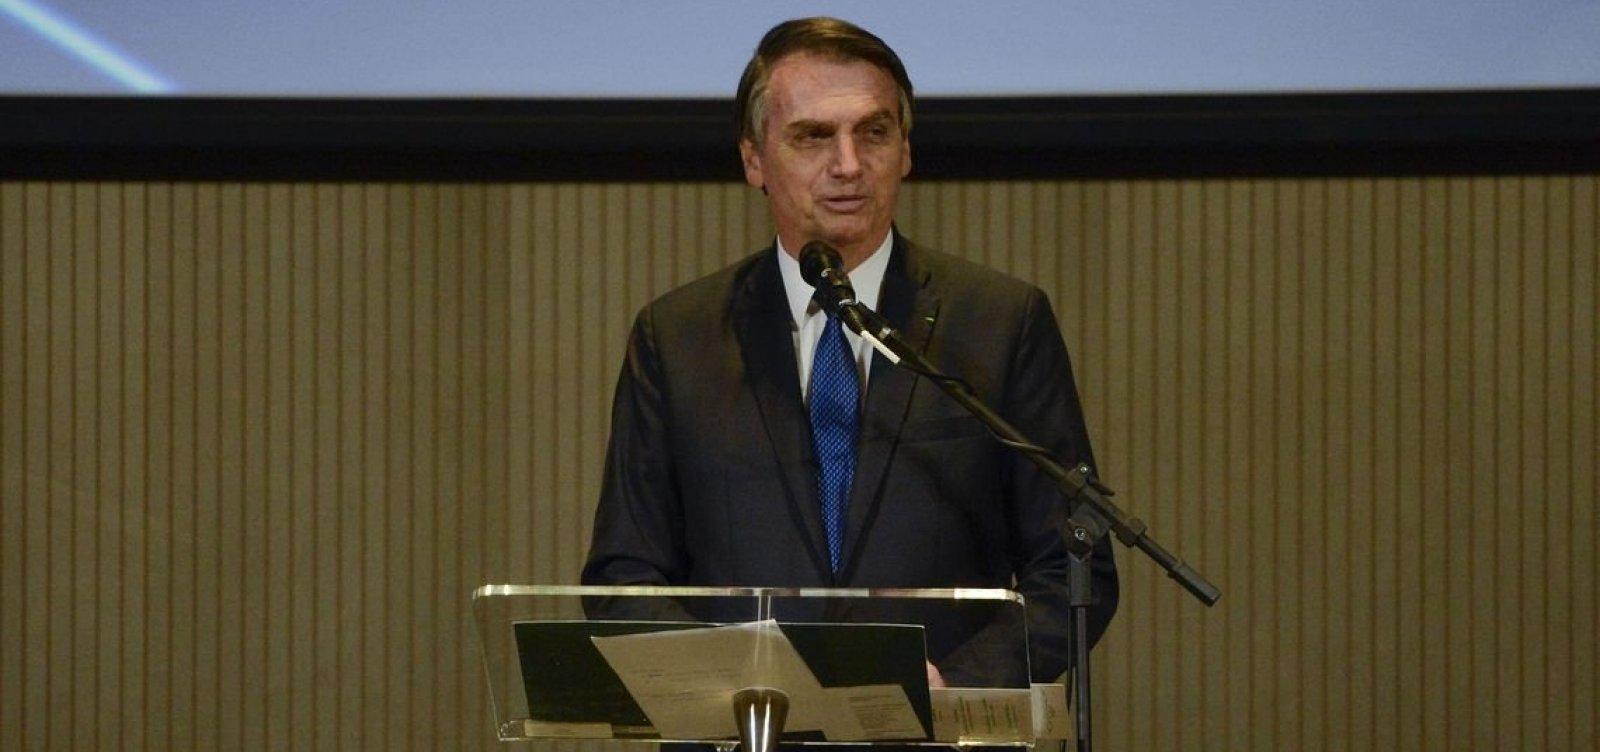 ['Exército respira e transpira democracia e liberdade', diz Bolsonaro]